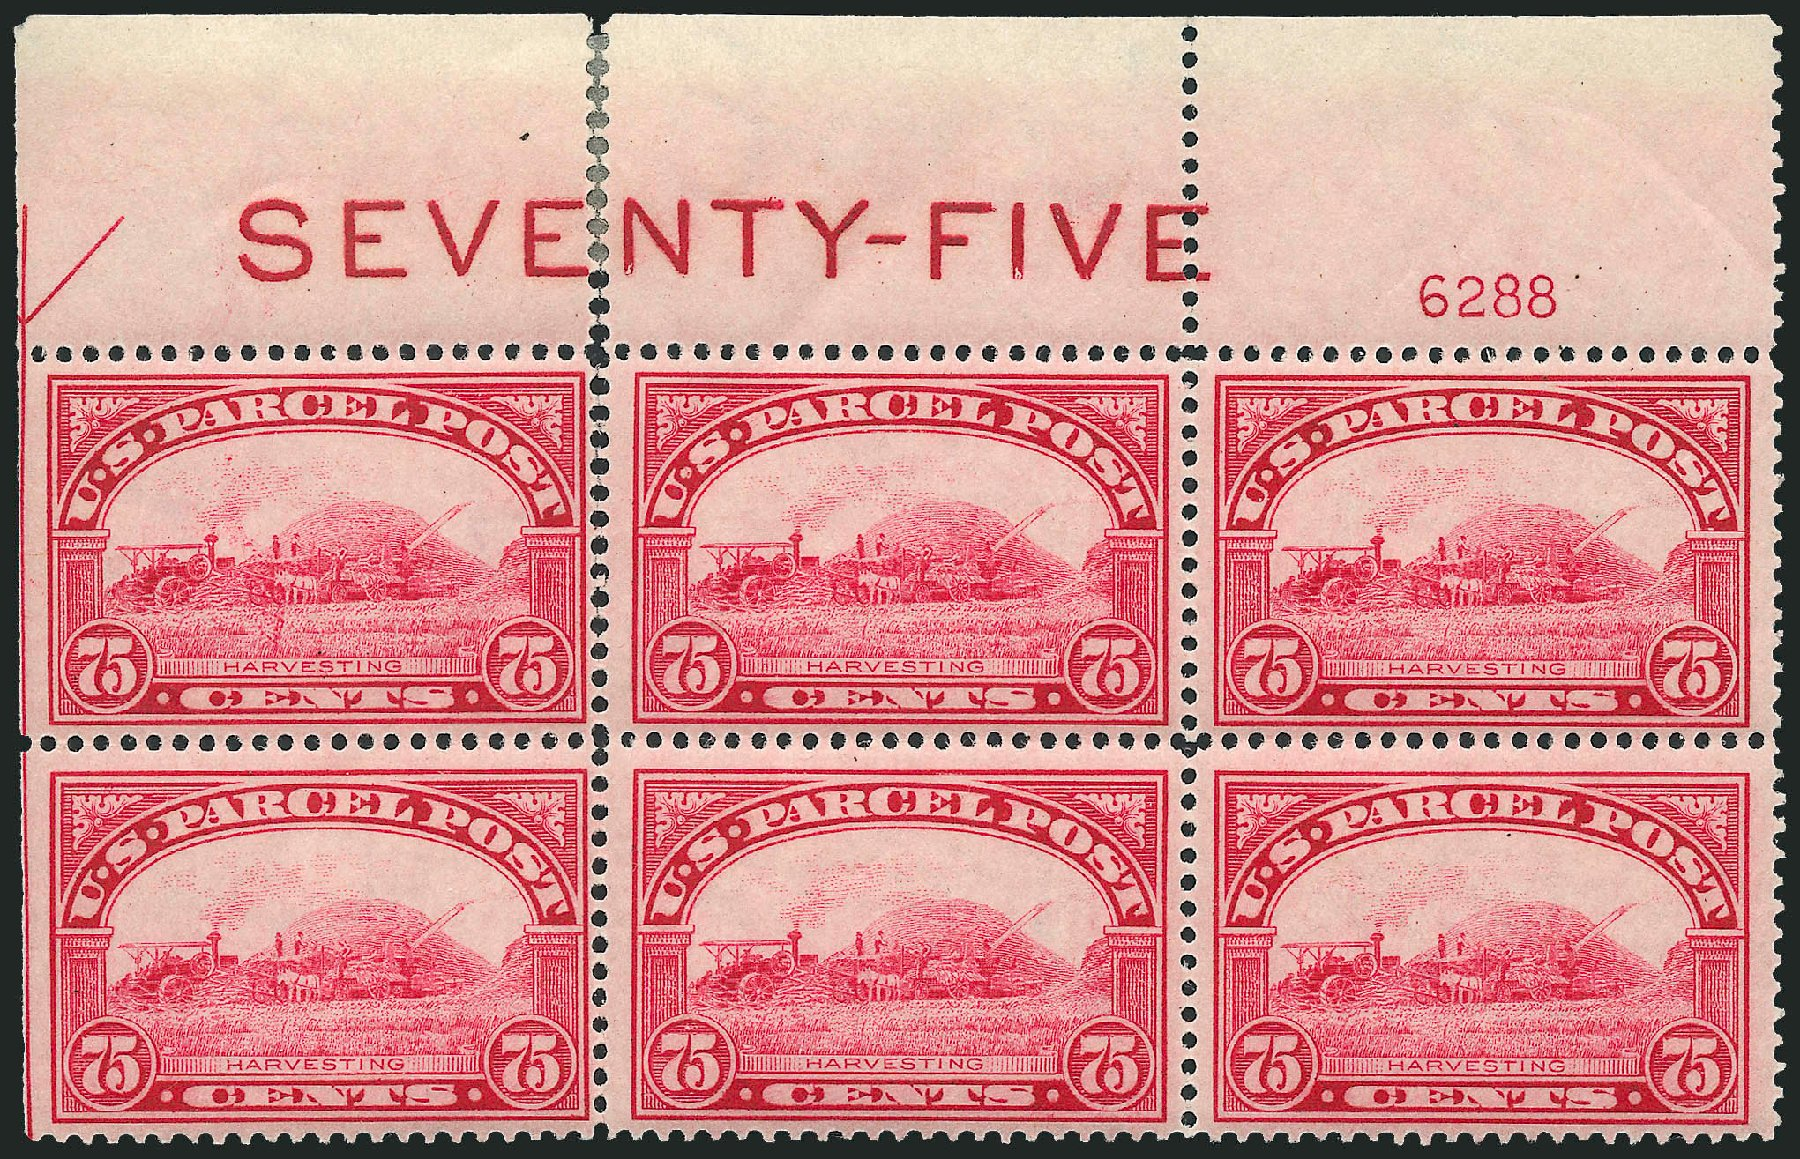 Price of US Stamps Scott Cat. # Q11: 1913 75c Parcel Post. Robert Siegel Auction Galleries, Apr 2009, Sale 971, Lot 2207